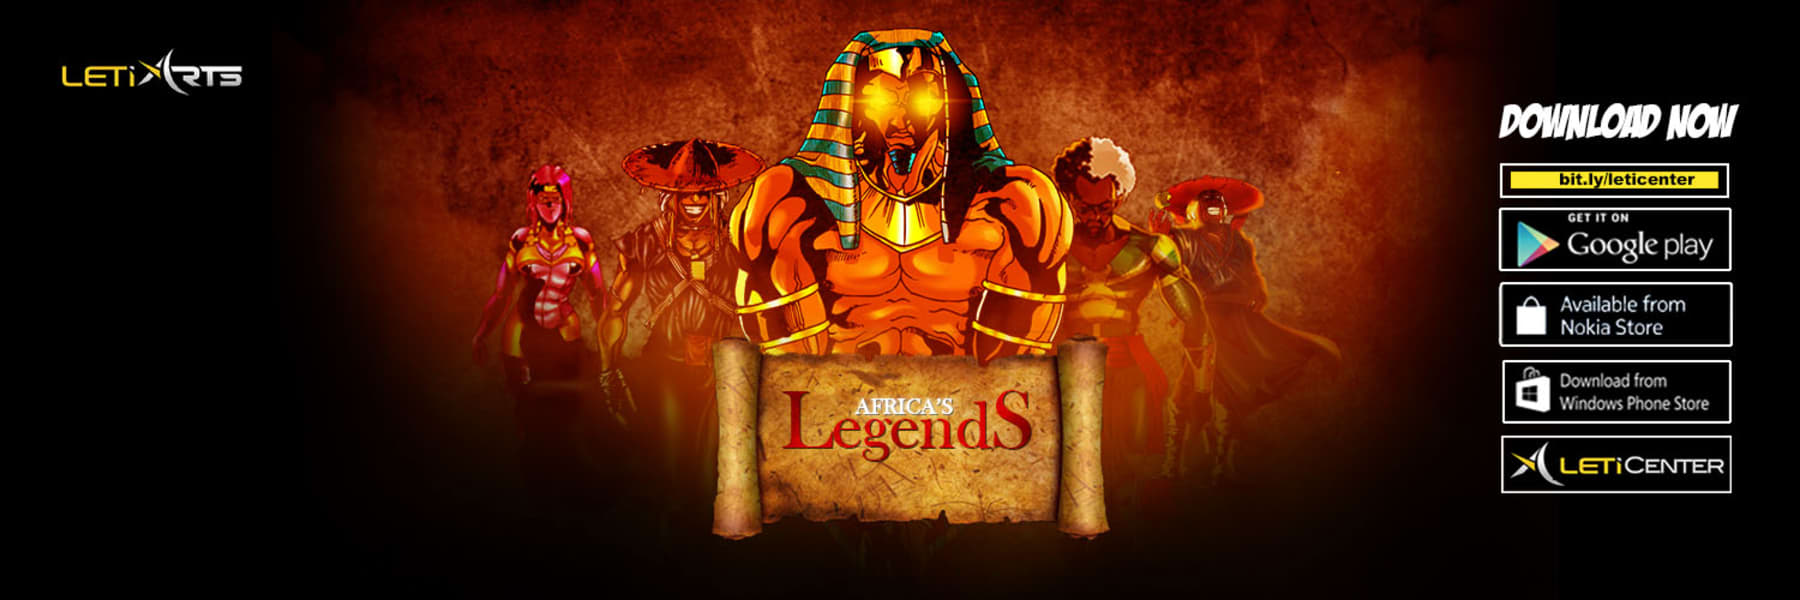 Leti Arts Africa legends banner